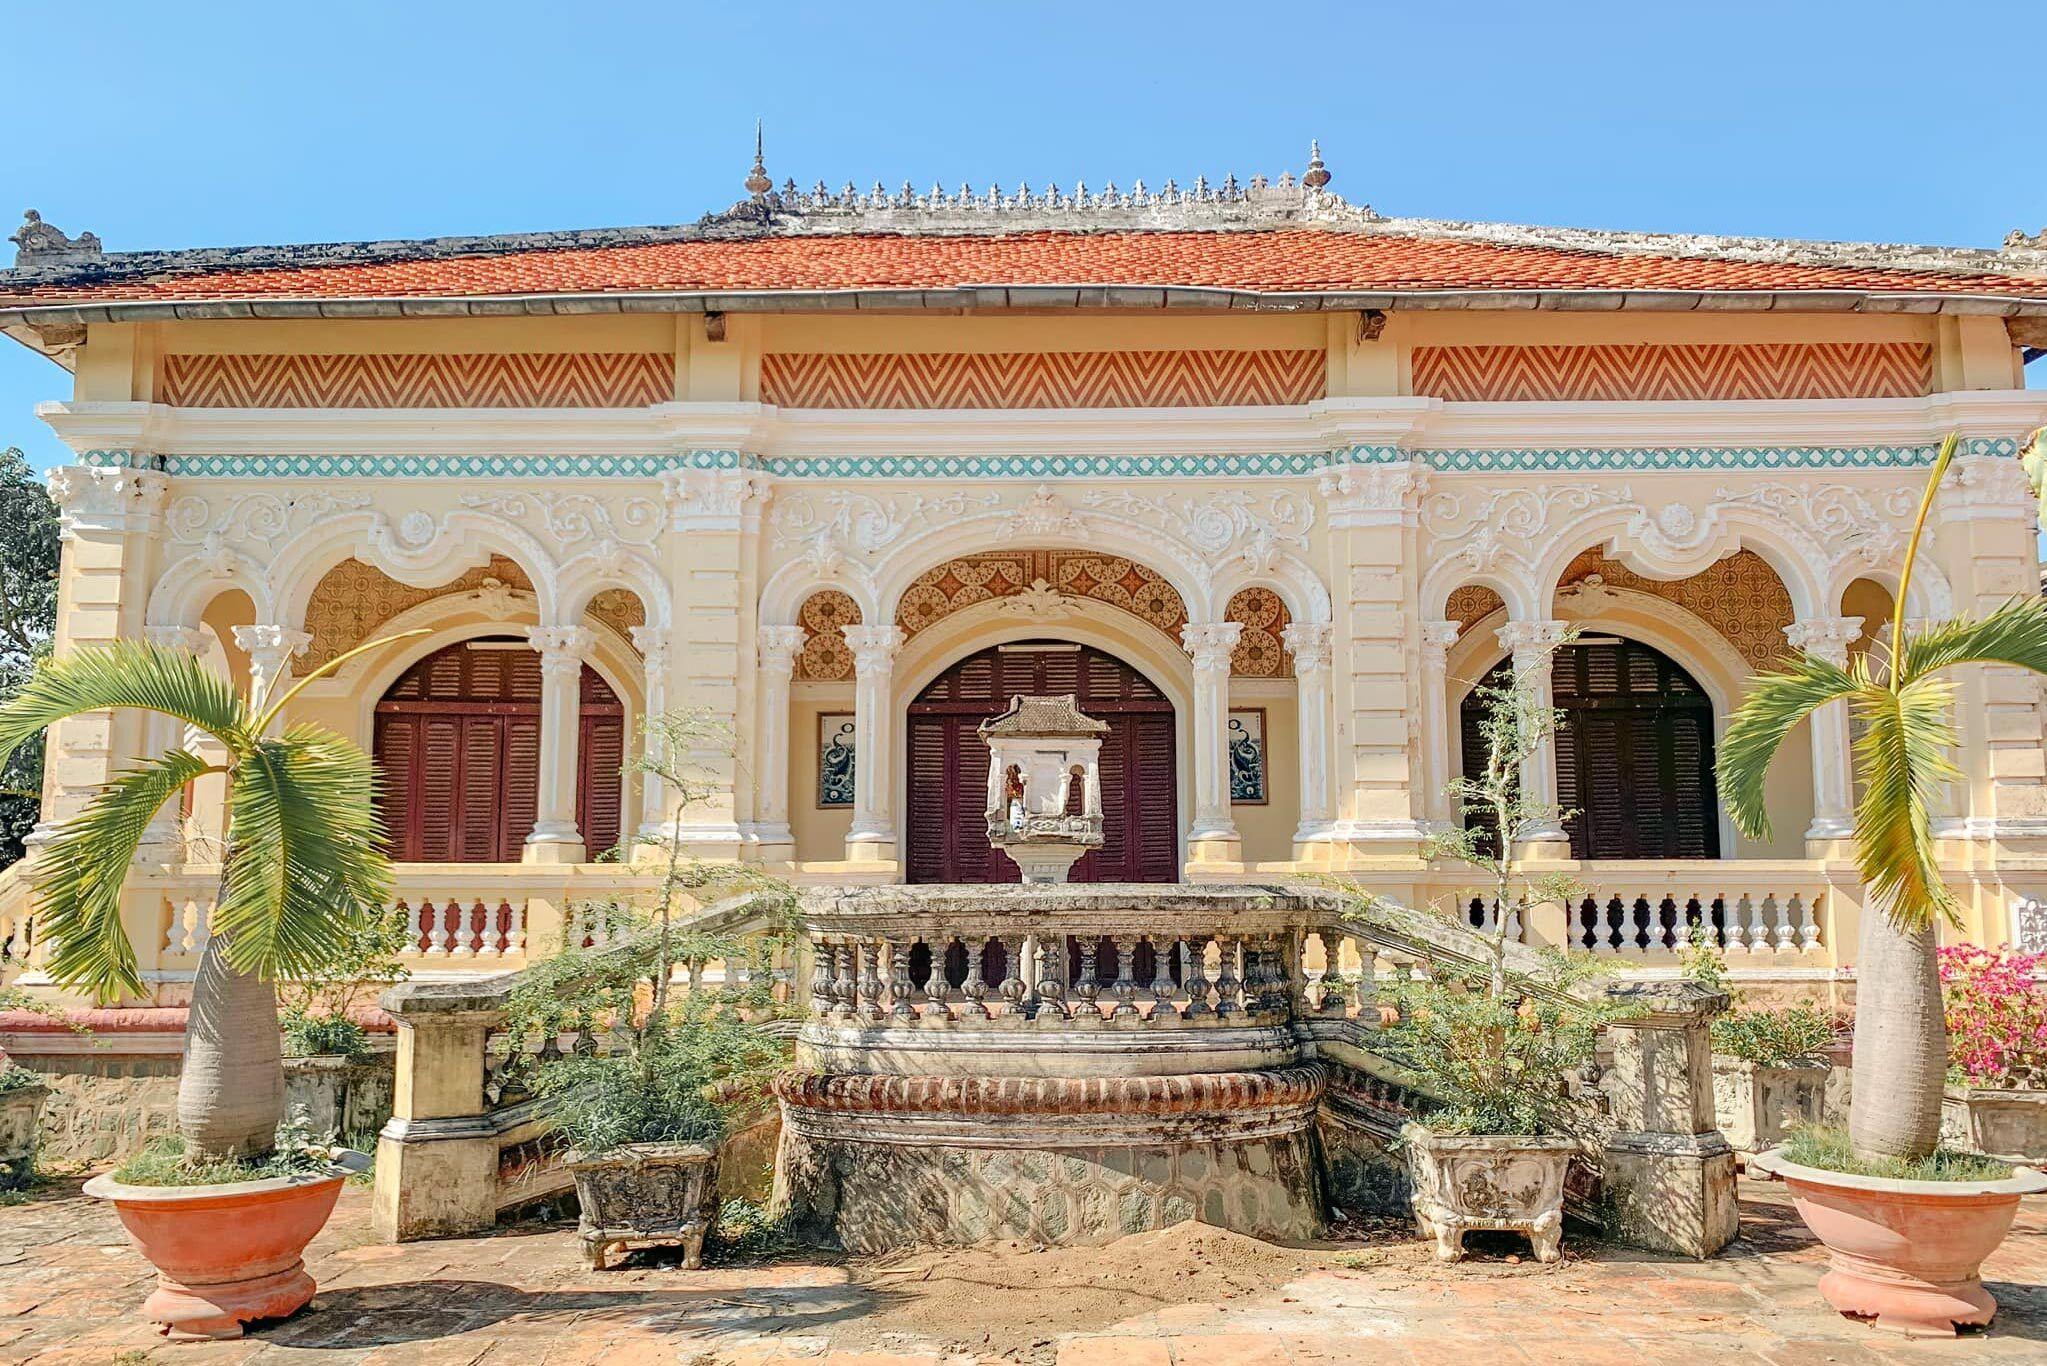 Tham quan nhà cổ Cai Cường - một trong những nhà cổ đẹp nhất miền Tây